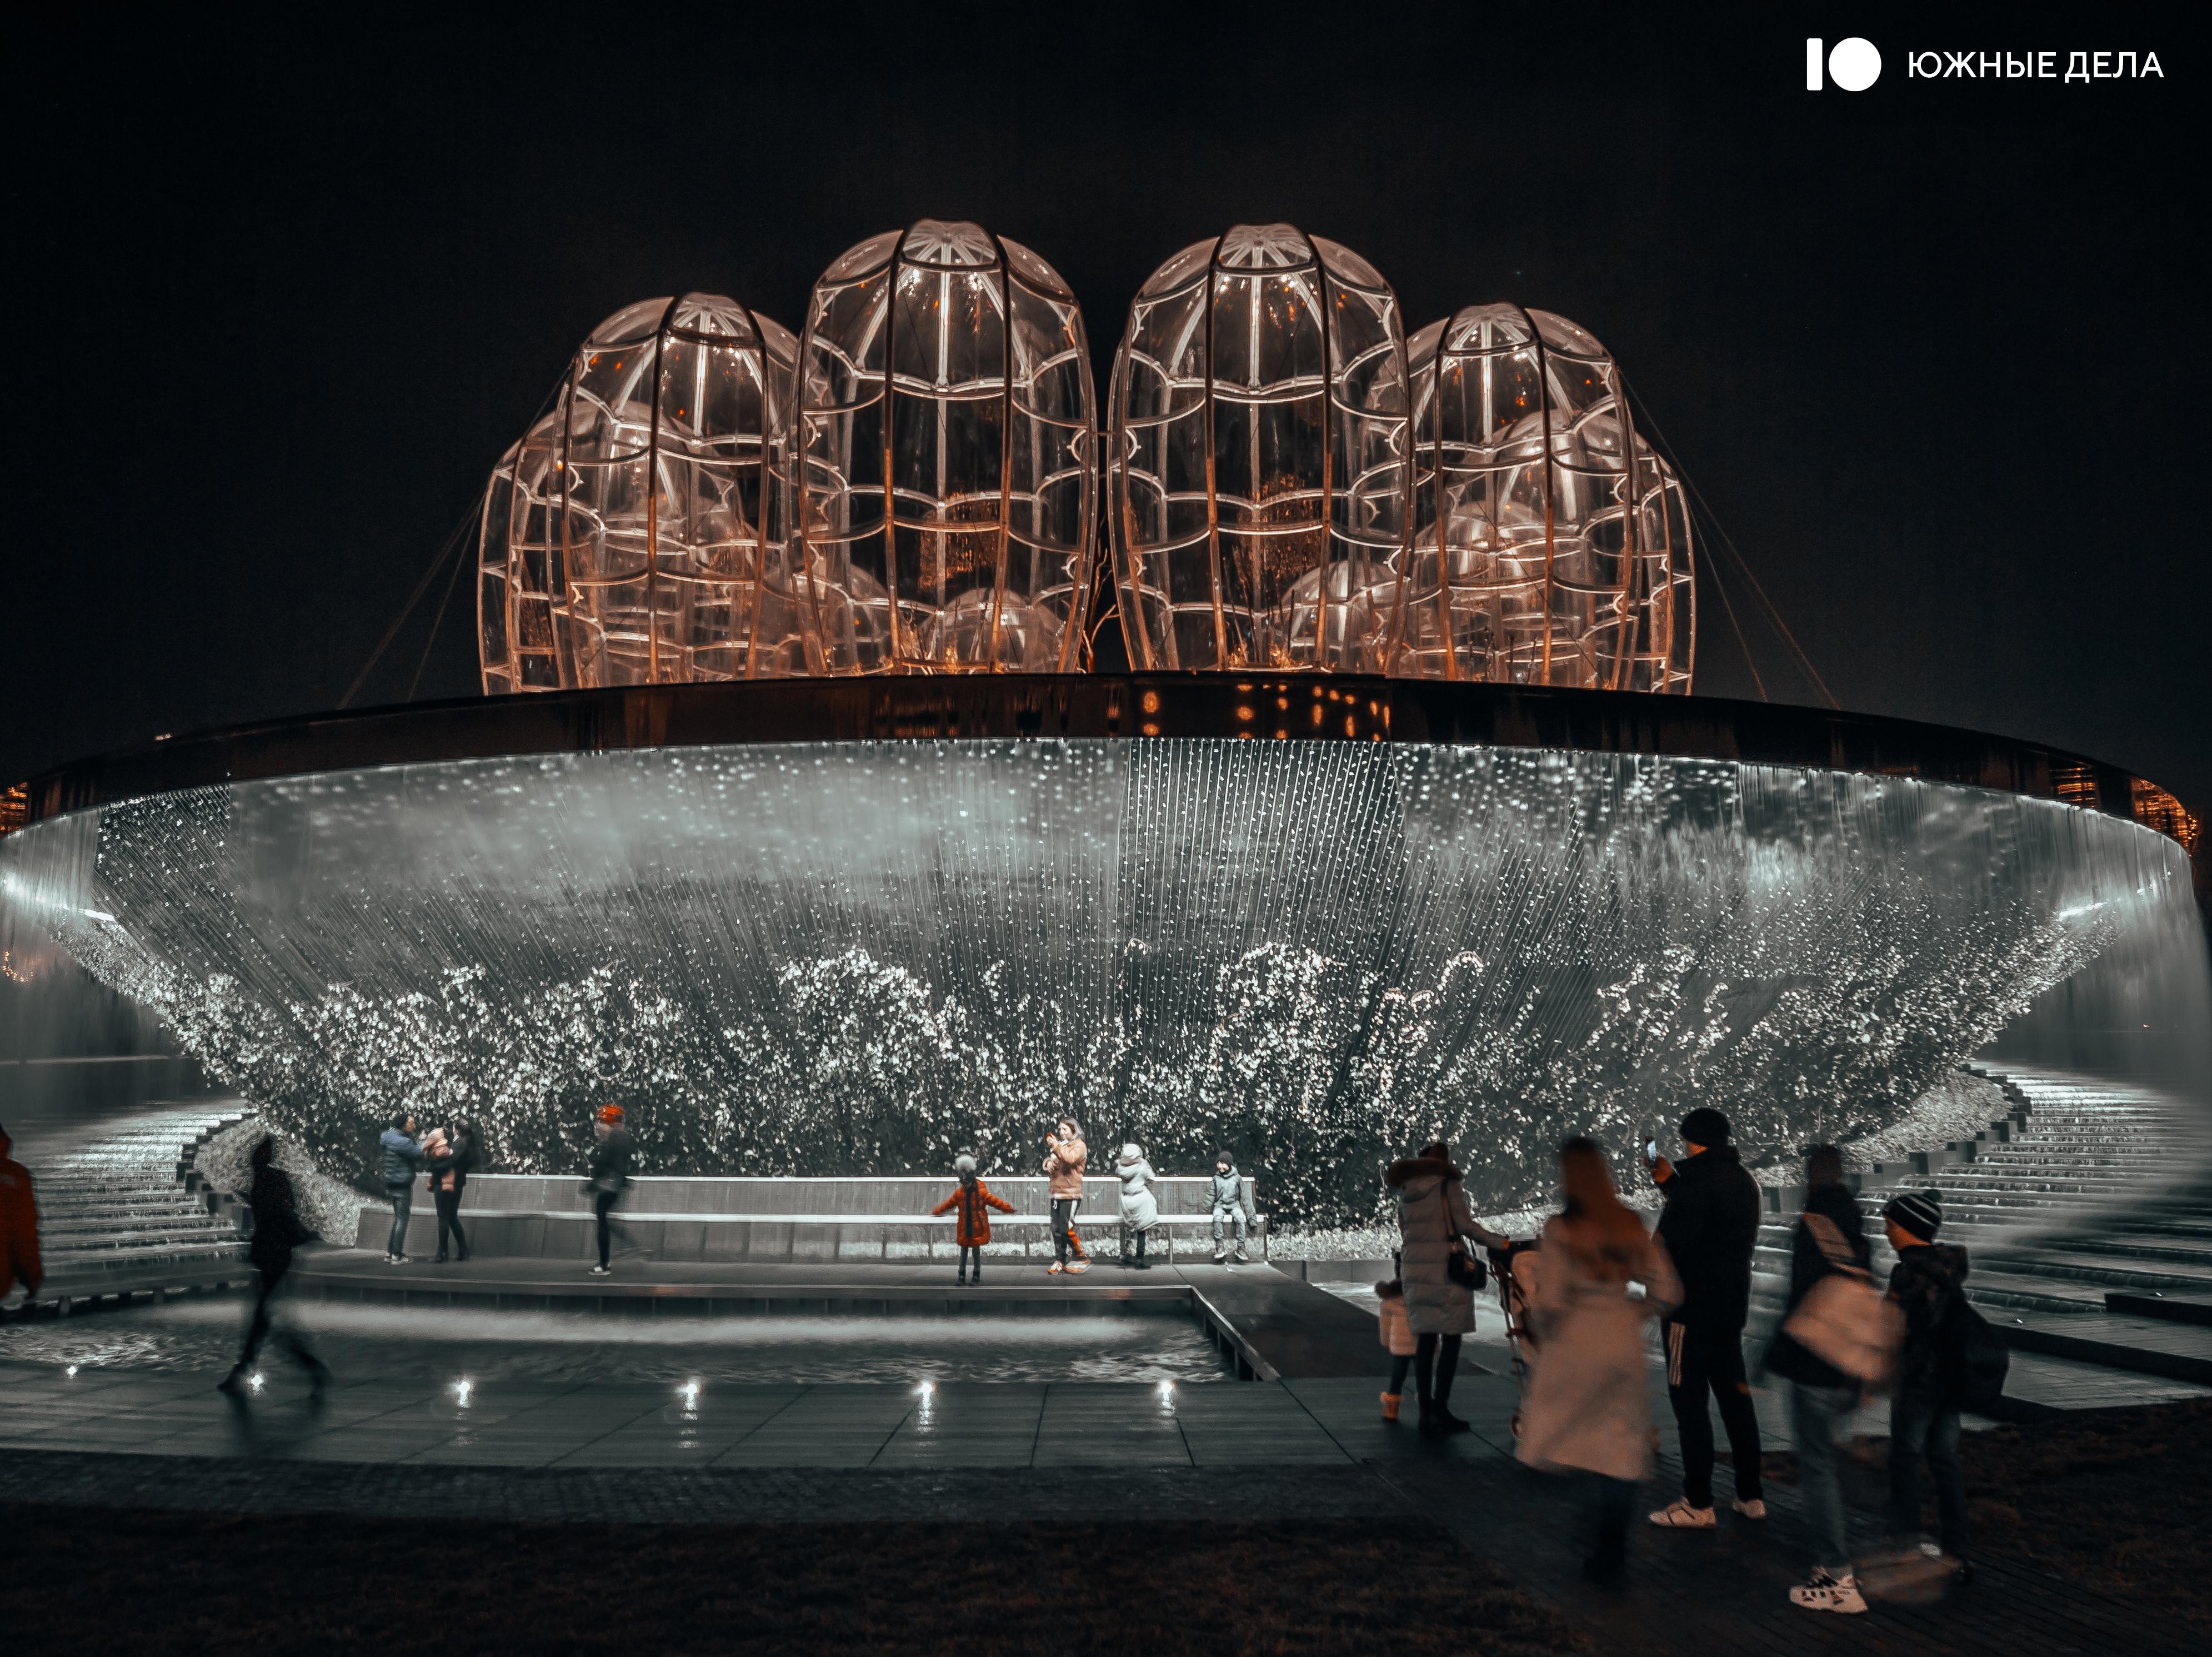 В парке Галицкого с 1 января отключат фонтаны